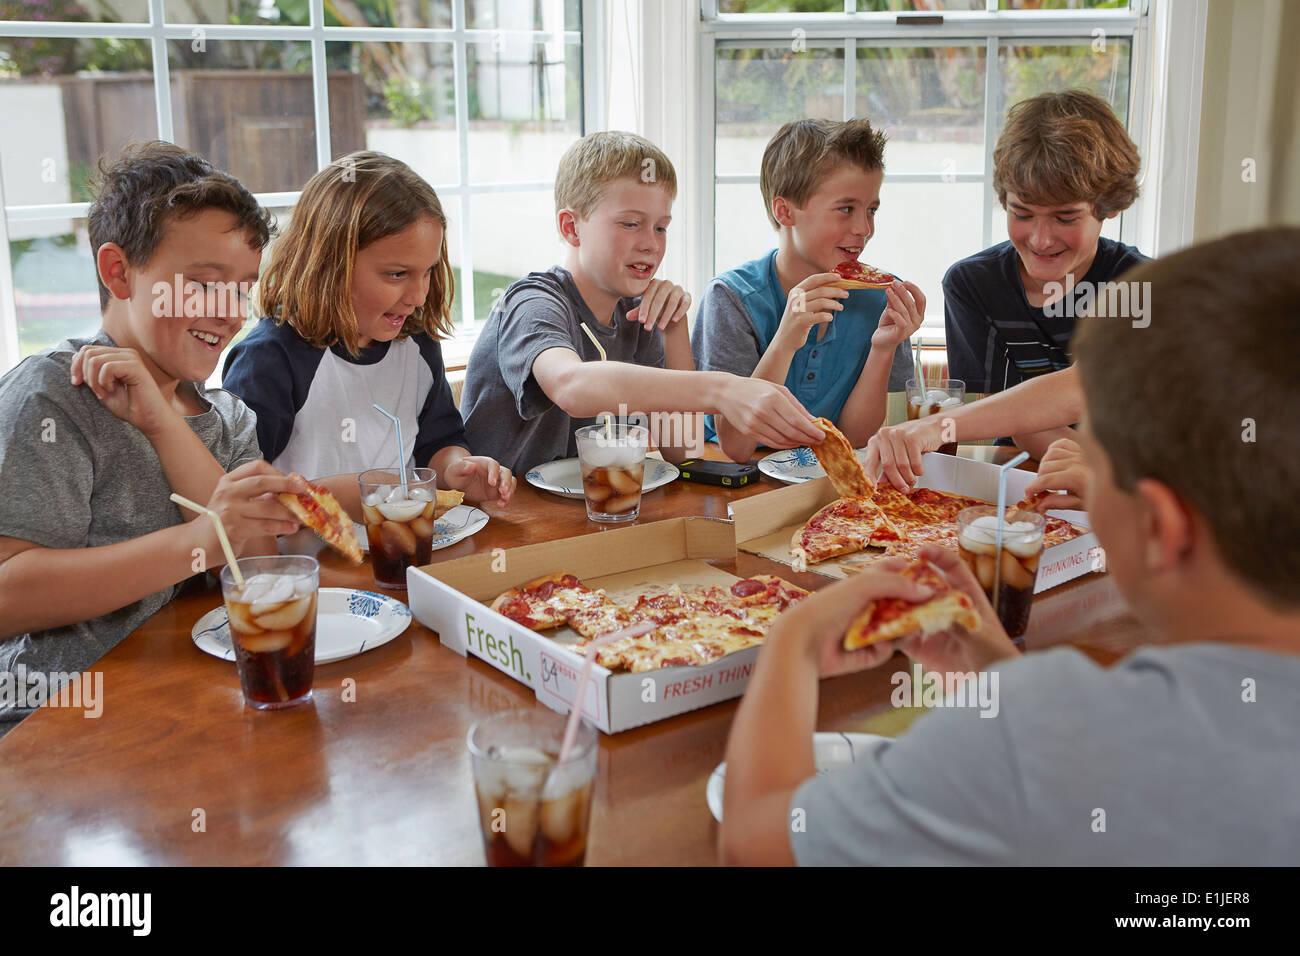 Un gruppo di ragazzi condividere pizza Immagini Stock